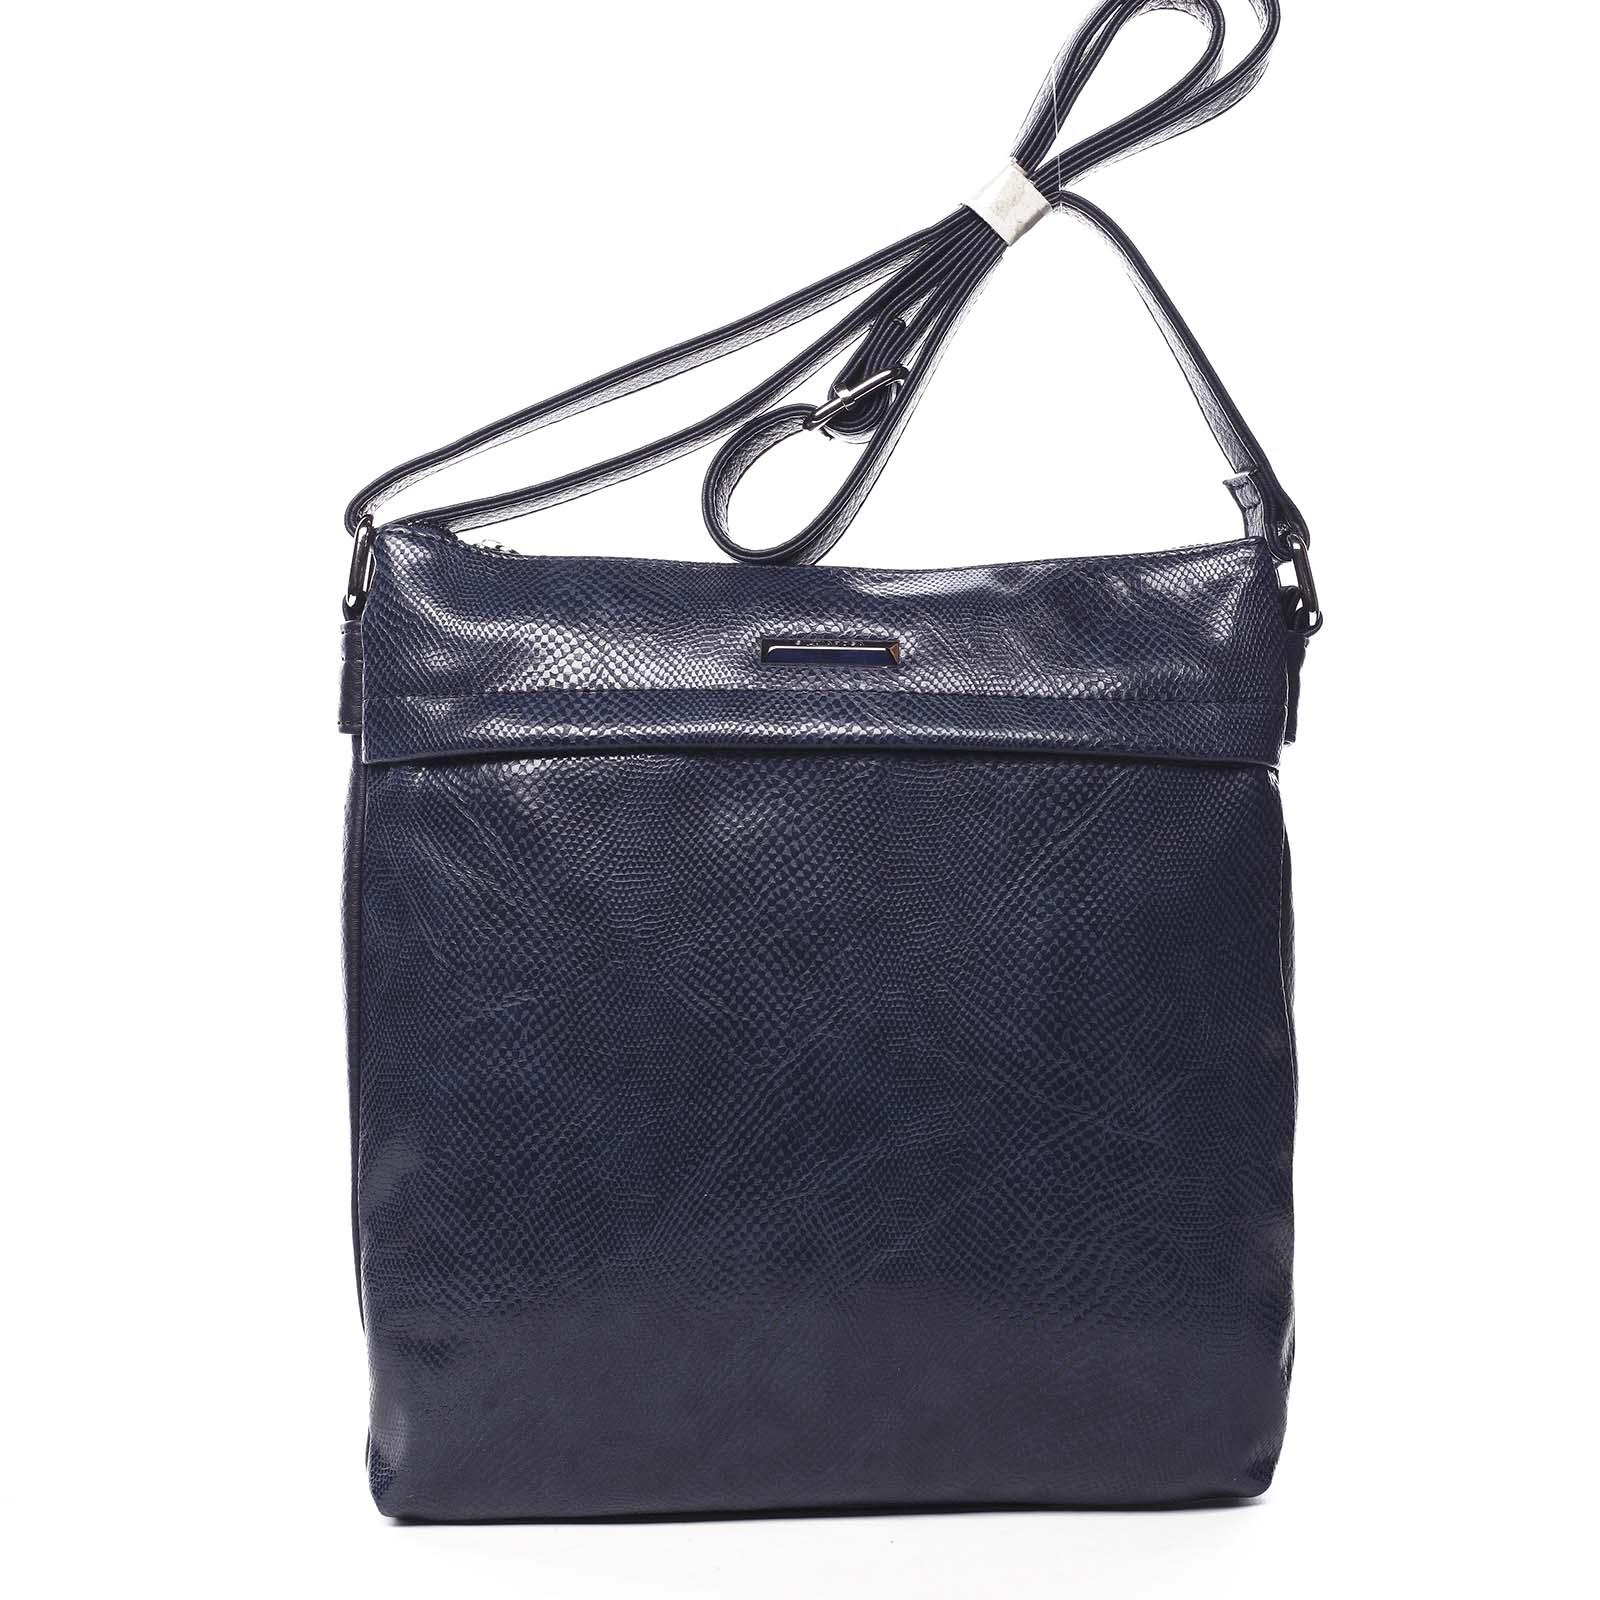 Dámská crossbody kabelky tmavě modrá - Silvia Rosa Dingeka Snake